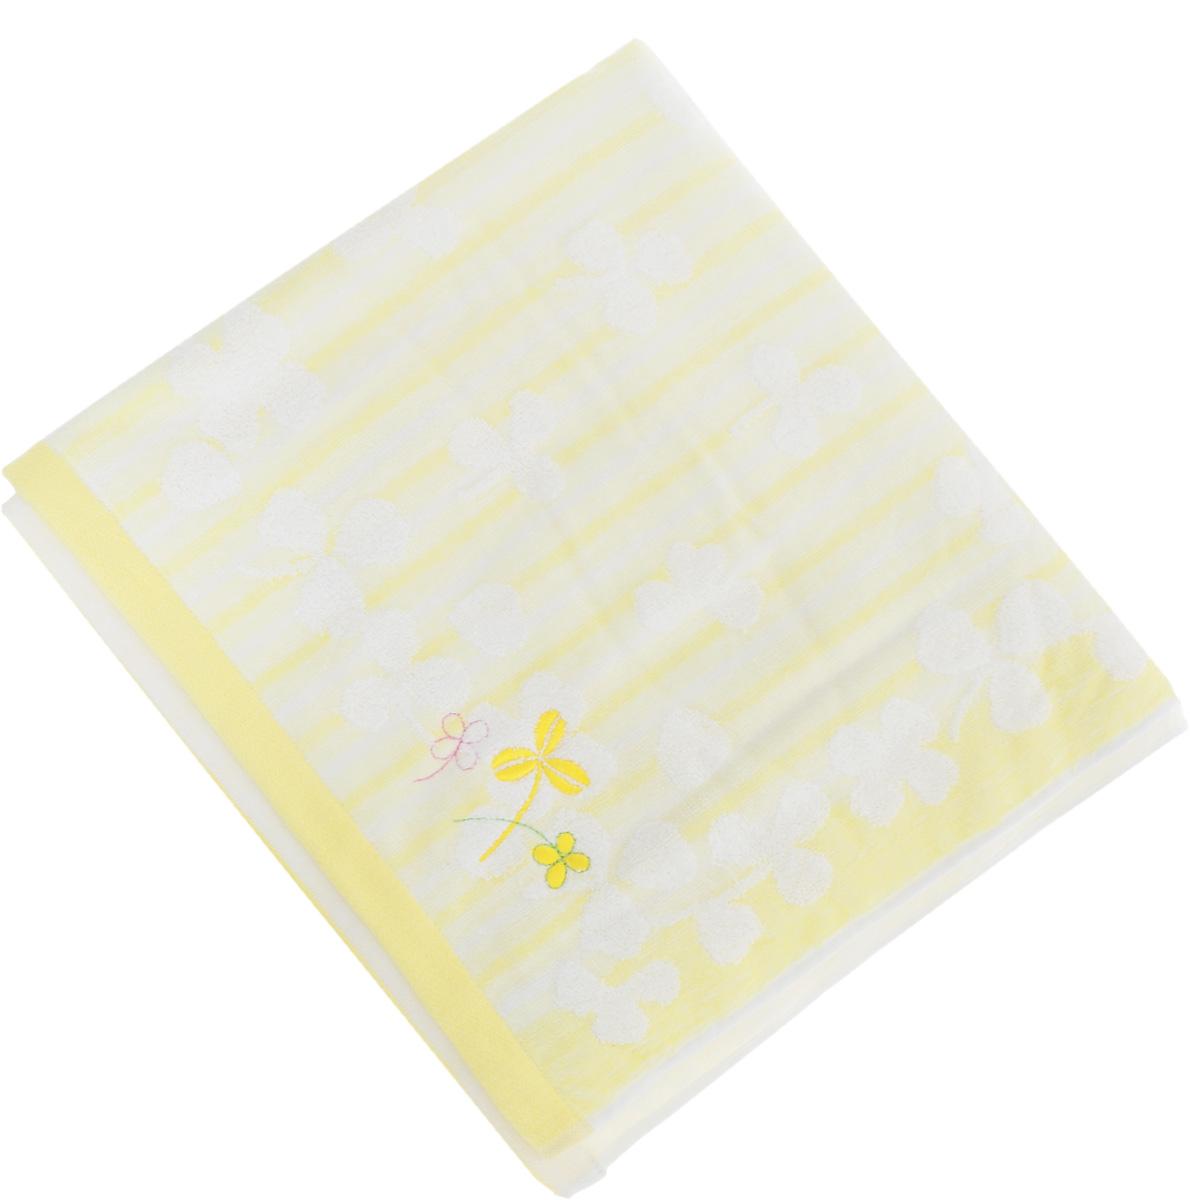 Полотенце Soavita Desy, цвет: желтый, 48 х 90 см68/5/1Полотенце Soavita Desy выполнено из 100% хлопка. Изделие отлично впитывает влагу, быстро сохнет, сохраняет яркость цвета и не теряет форму даже после многократных стирок. Полотенце очень практично и неприхотливо в уходе. Оно создаст прекрасное настроение и украсит интерьер в ванной комнате.